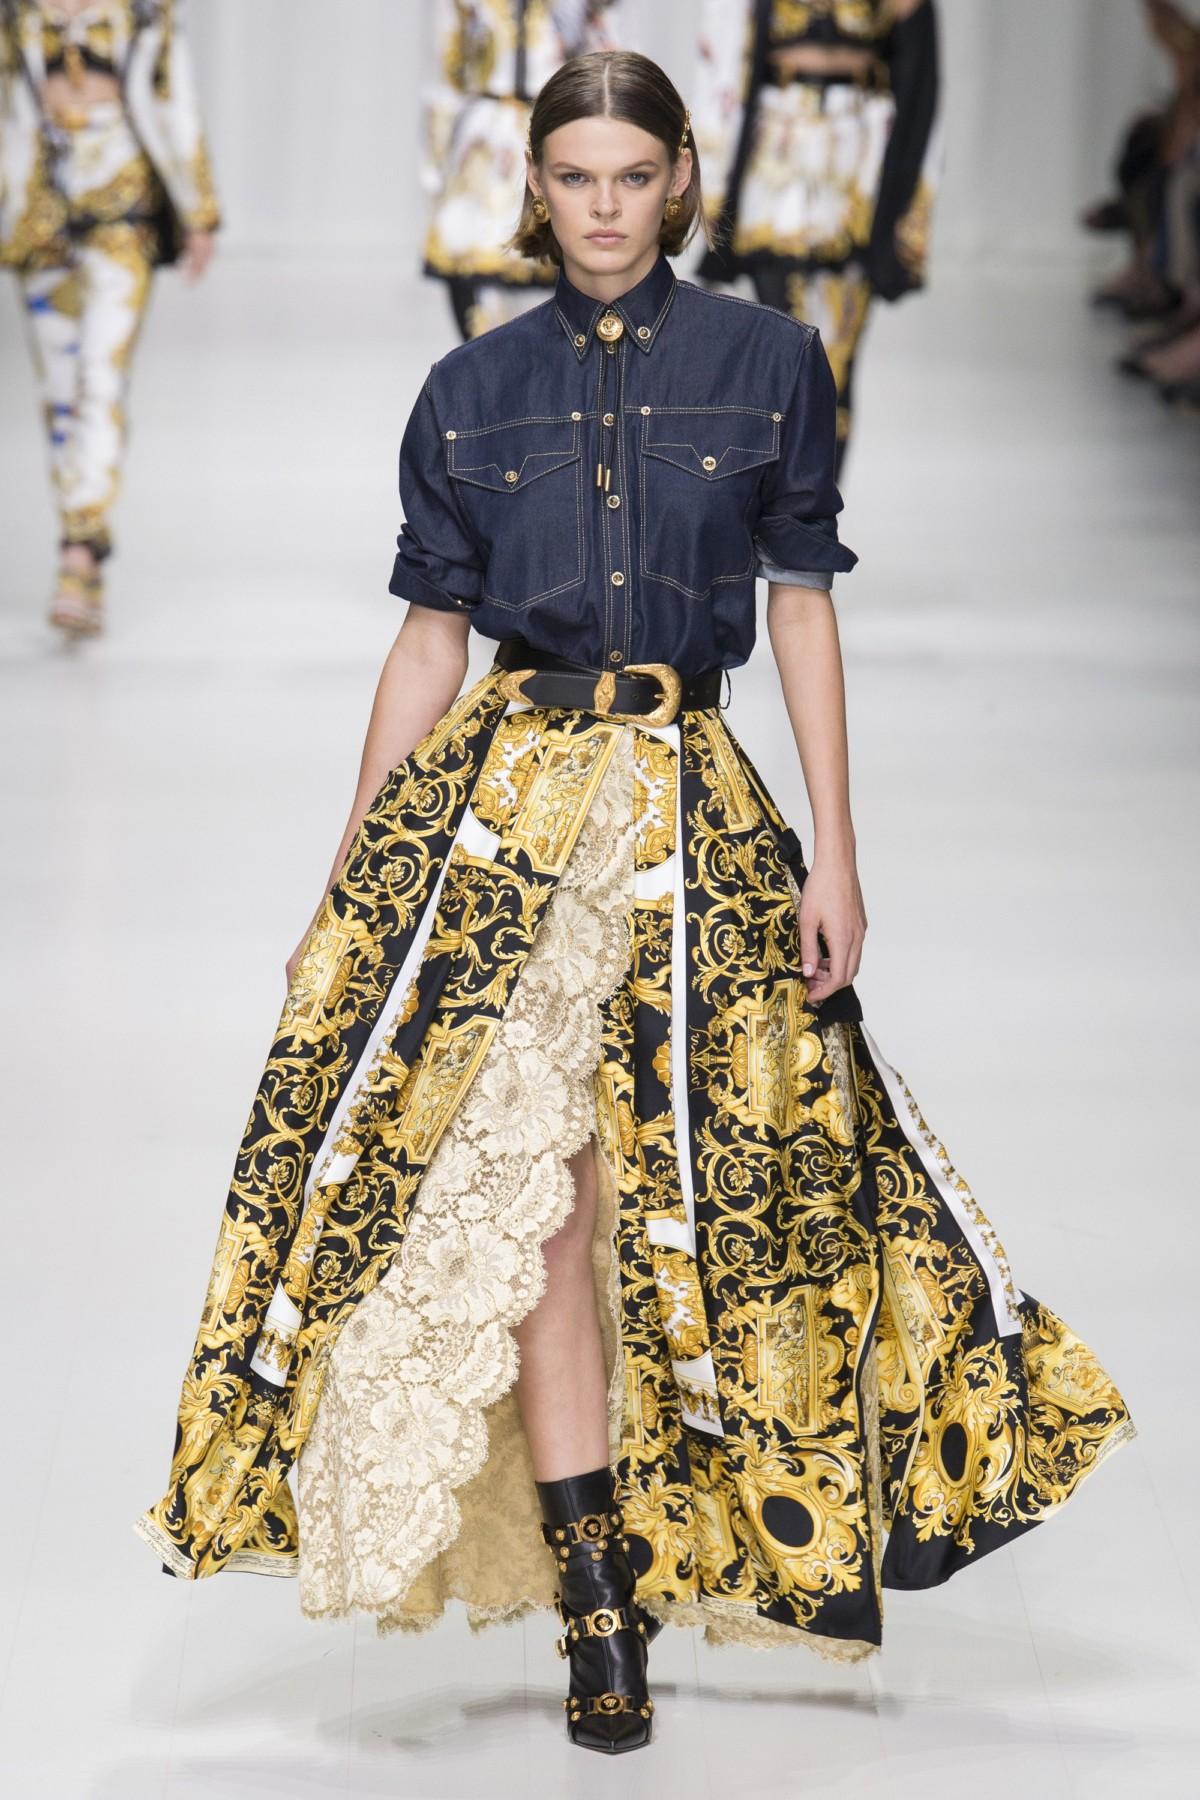 pe 18, martino carrera, prada, versace, Jil Sander, roberto cavalli, fashion show, moda, milano fashion week,